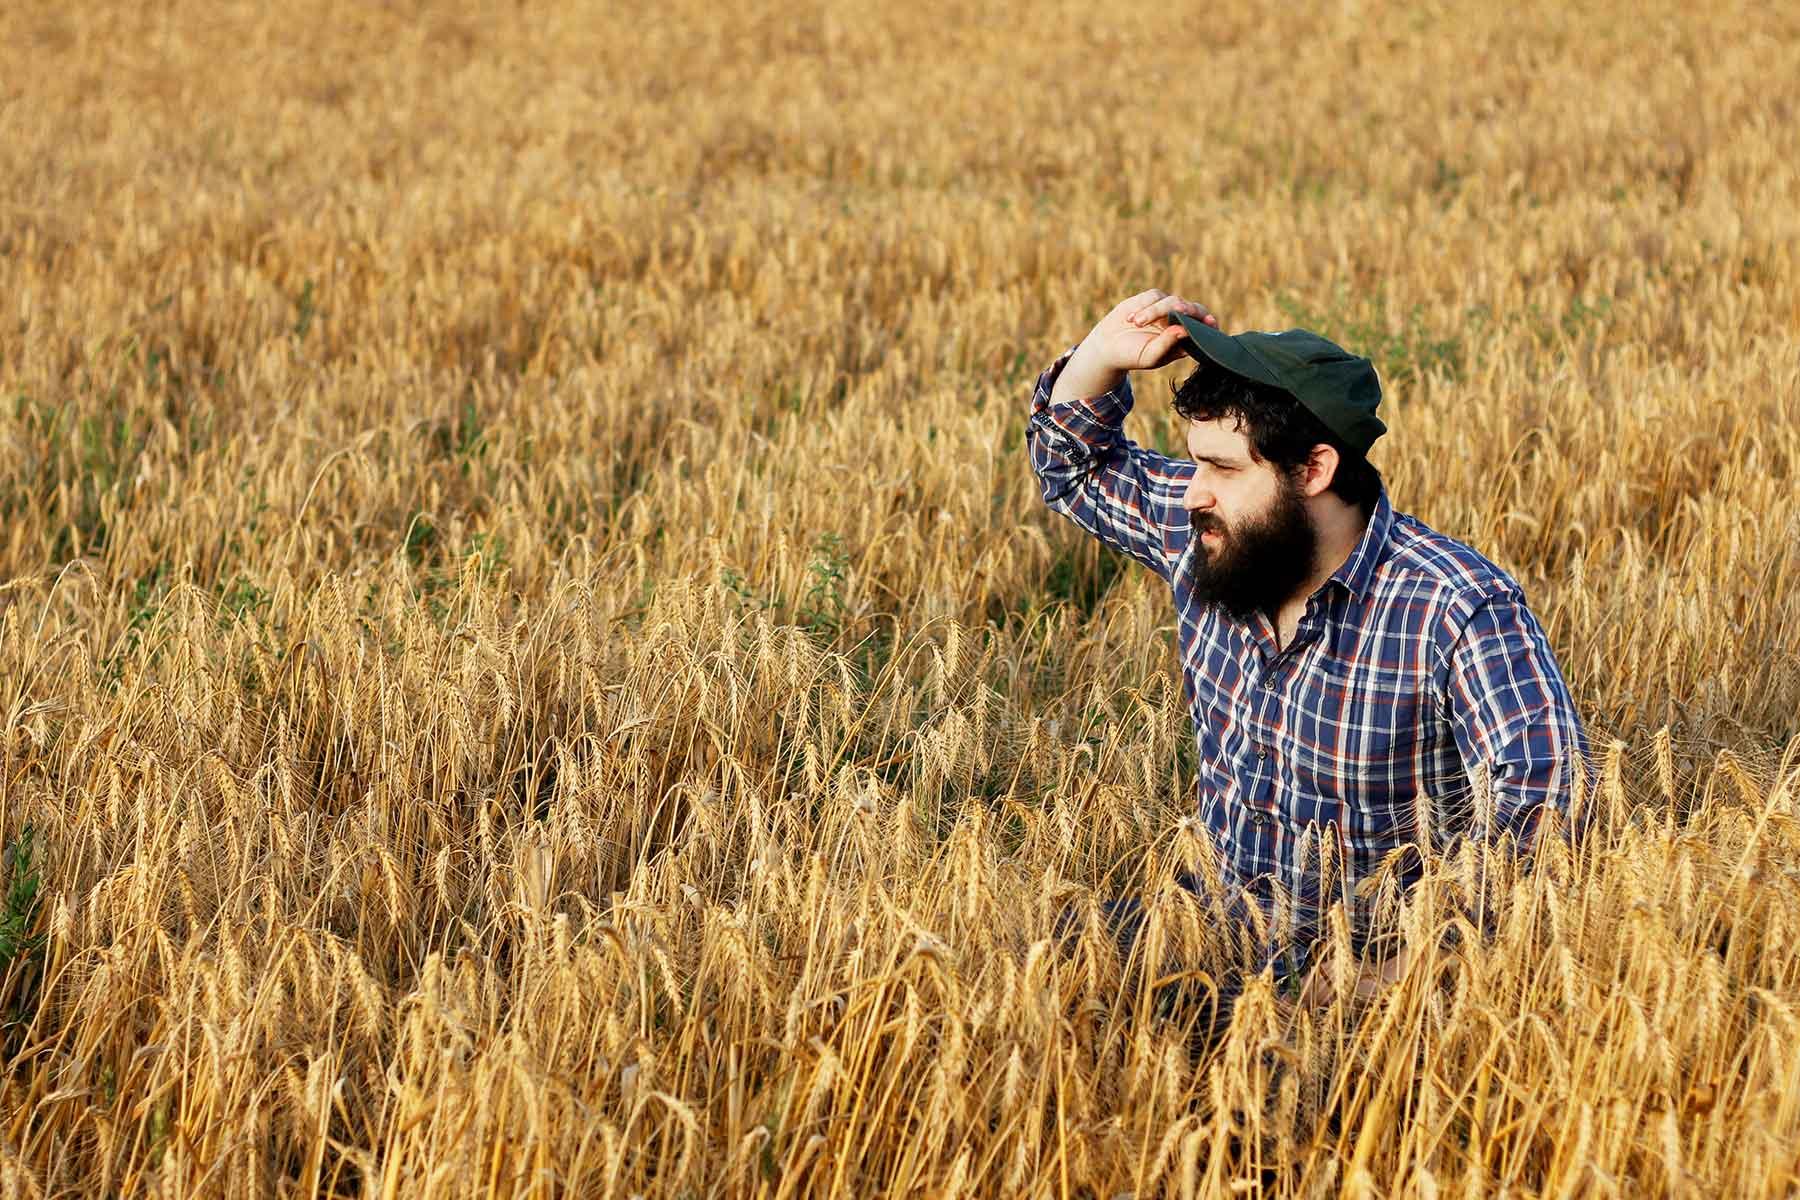 Man standing in a field in rural Australia farm